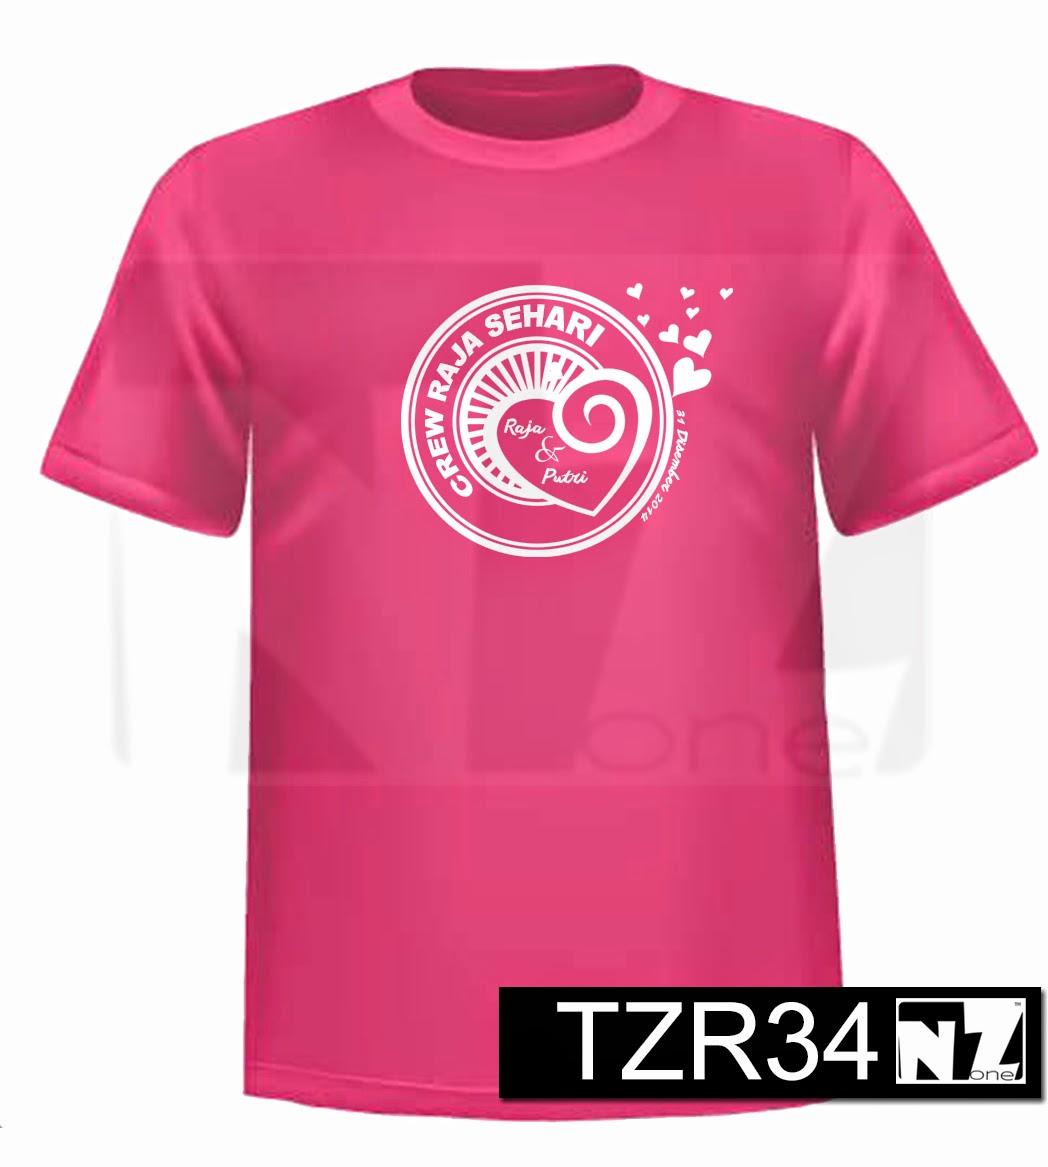 Design t shirt rewang - Design Update 06 November 2014